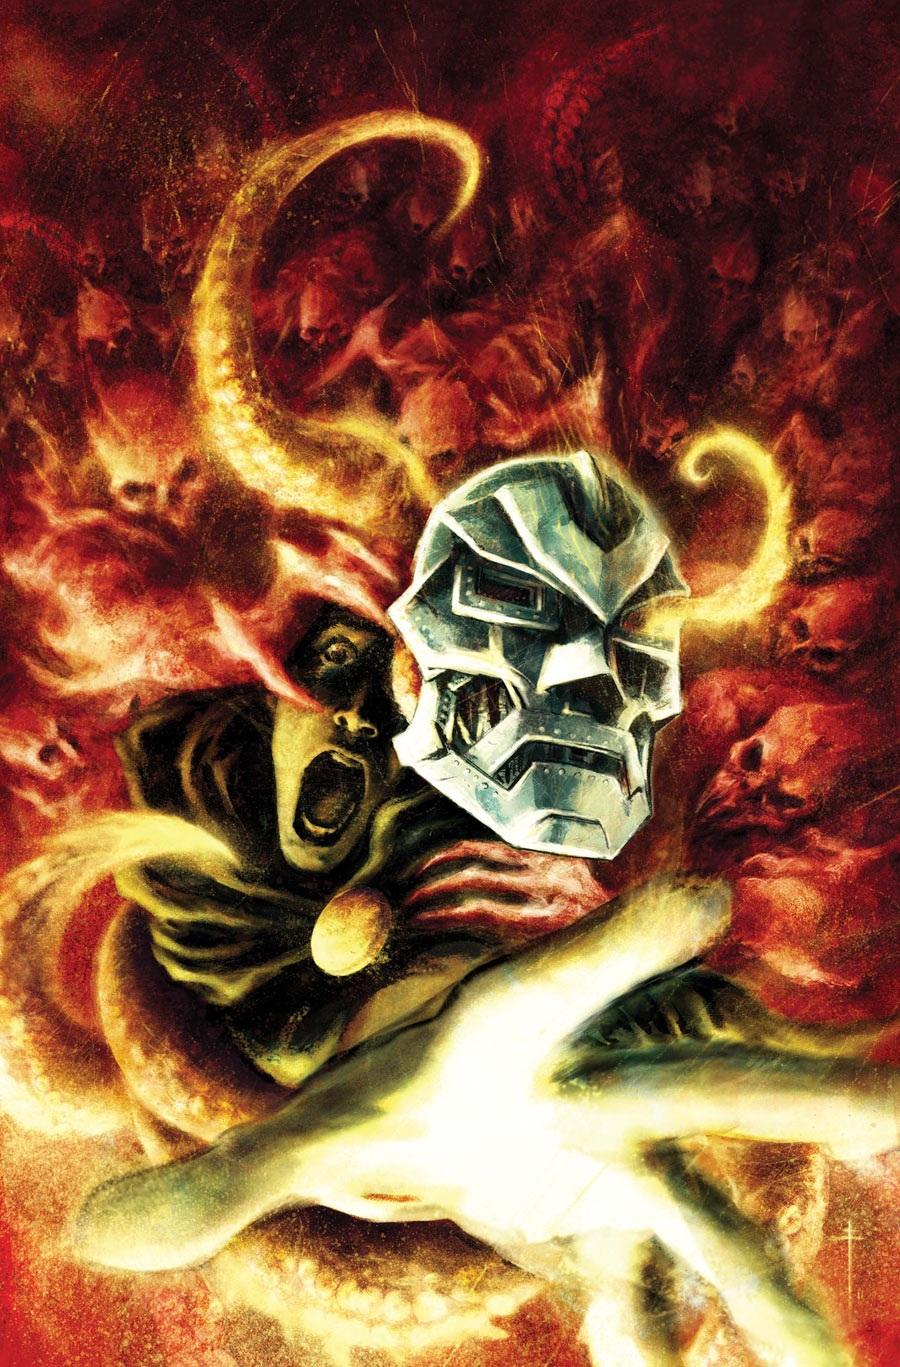 Victor von Doom Vol 1 3